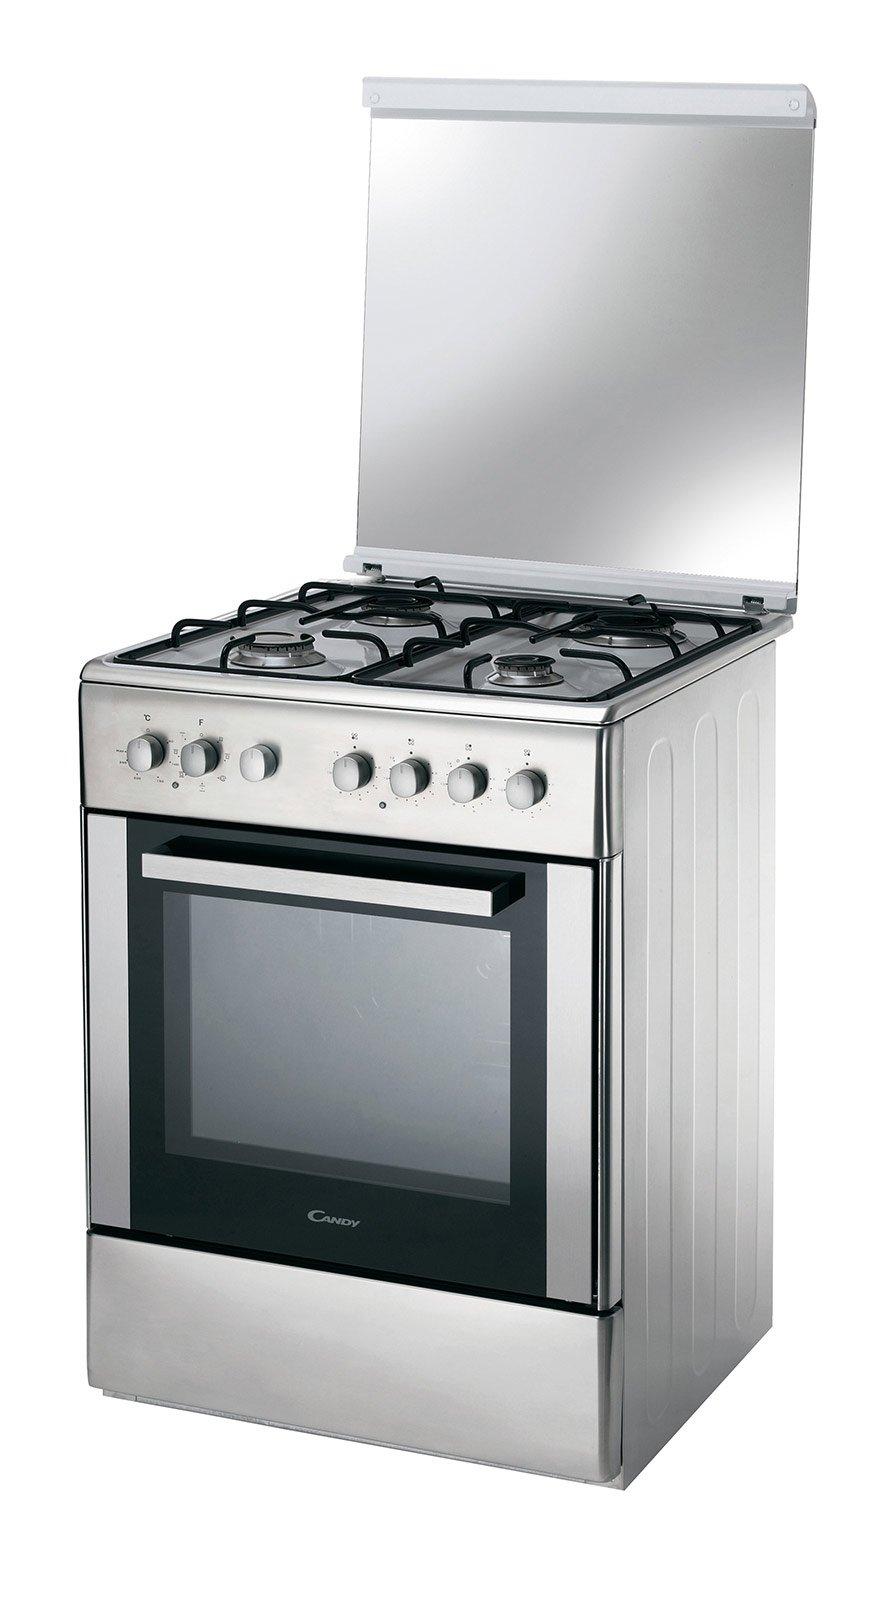 Cucine a gas con forno elettrico ariston  Tovaglioli di carta